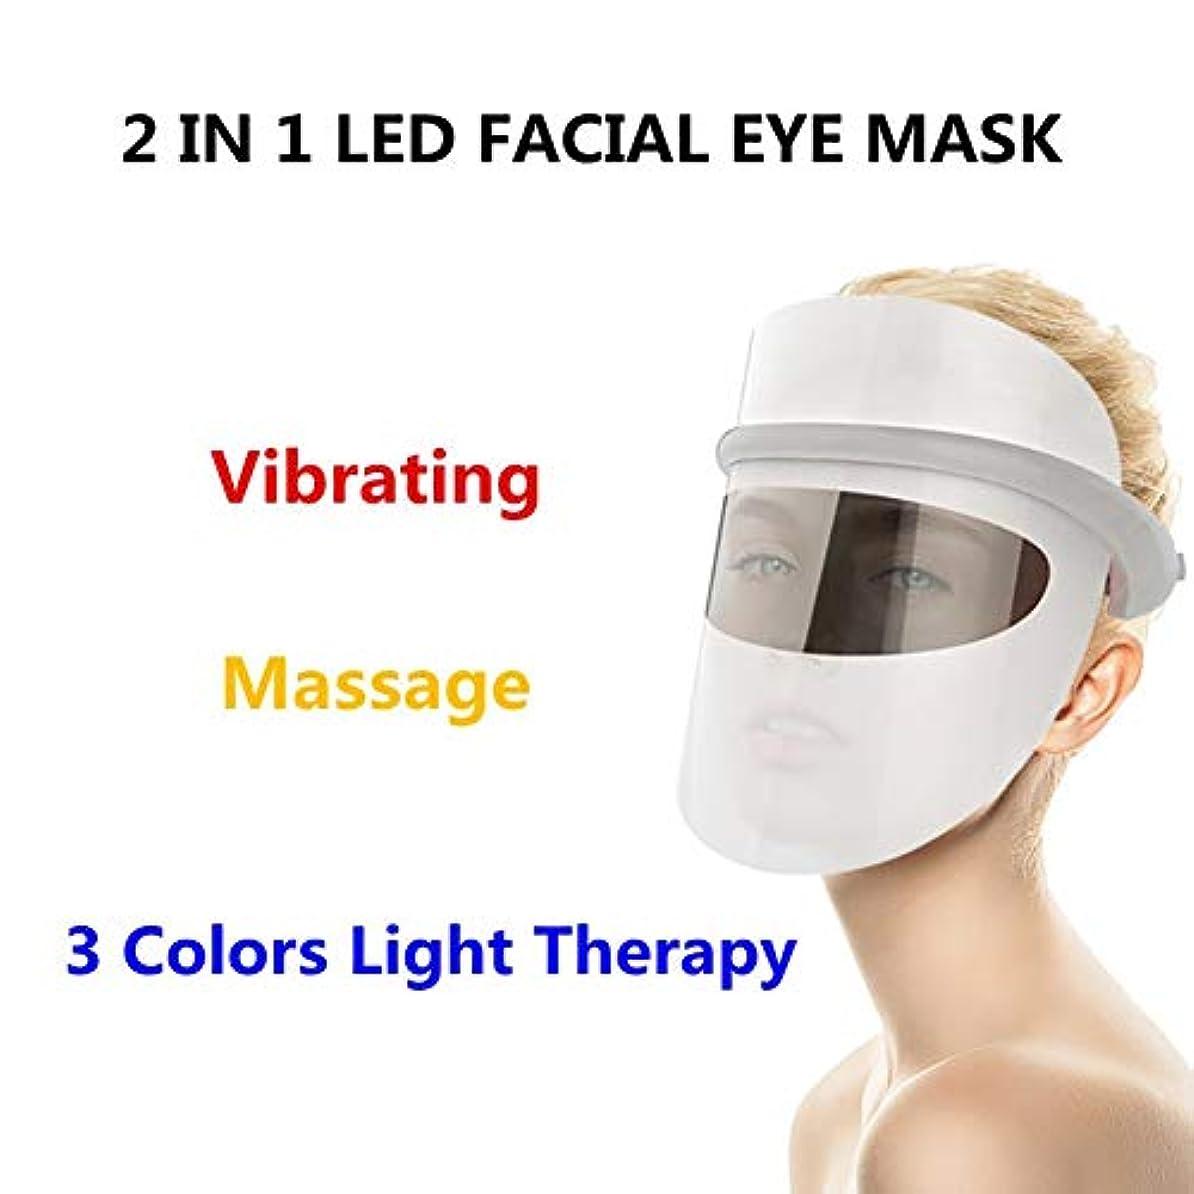 組立きゅうり暴力的なLEDフォトンビューティーマスク、家庭用Ledビューティーマスク、ホットコンプレックス振動マッサージアイマスク3色、コラーゲン、アンチエイジング、しわ、瘢痕